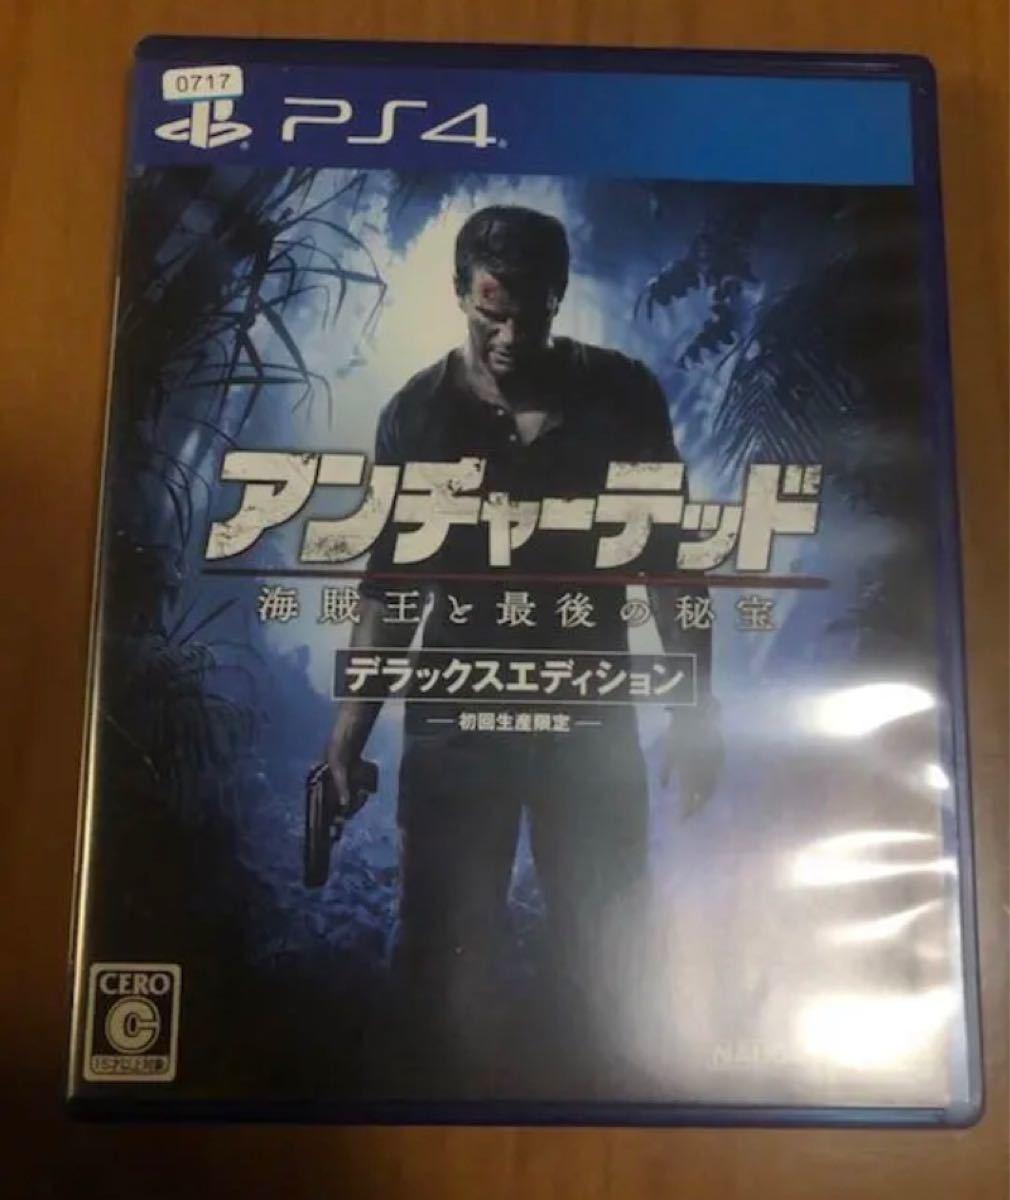 アンチャーテッド 海賊王と最後の秘宝 デラックスエディション PS4